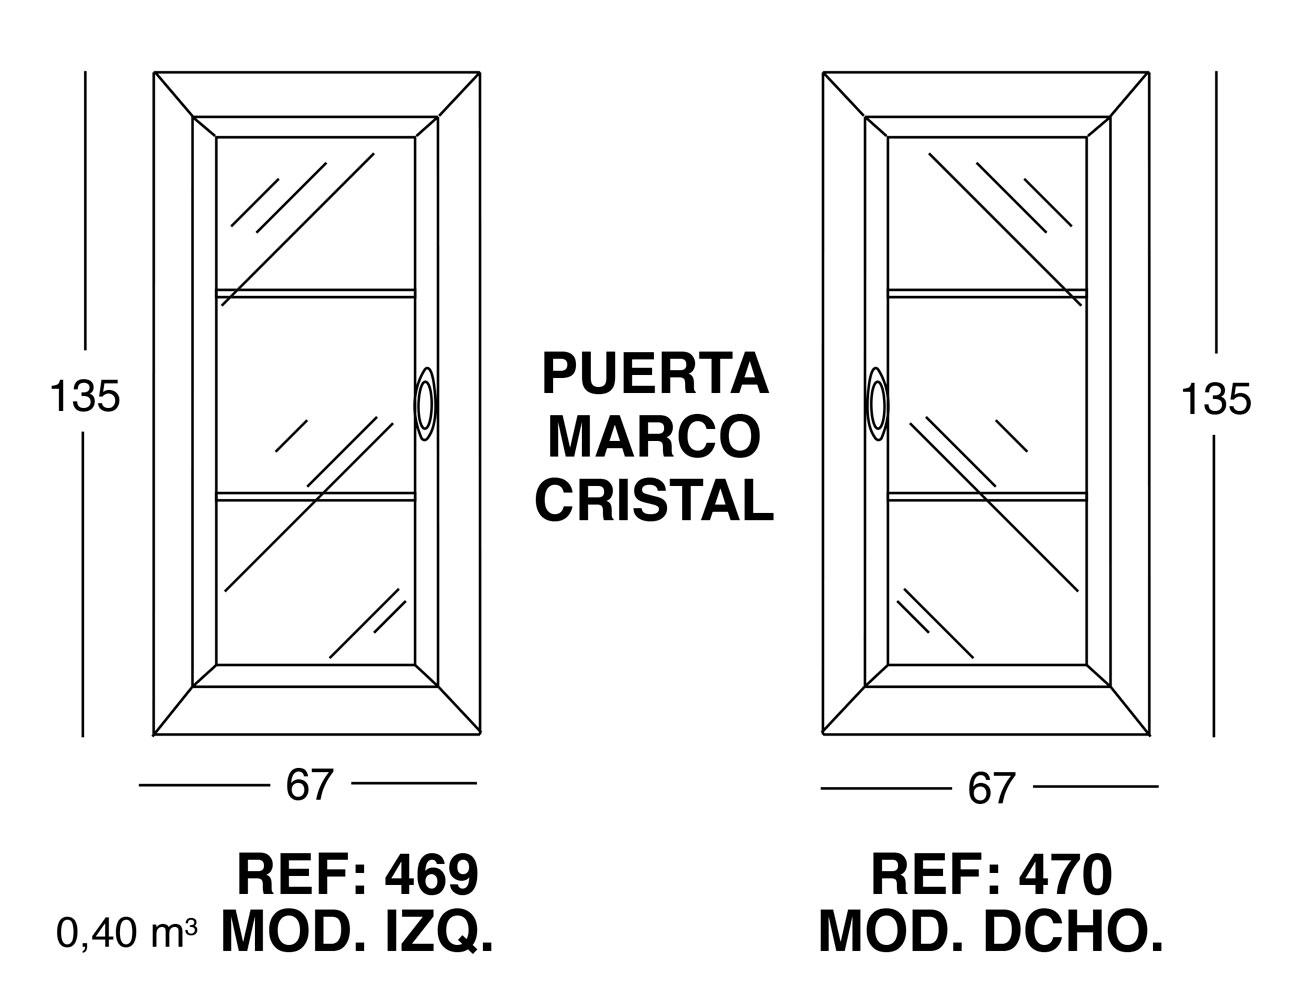 Puerta marco cristal